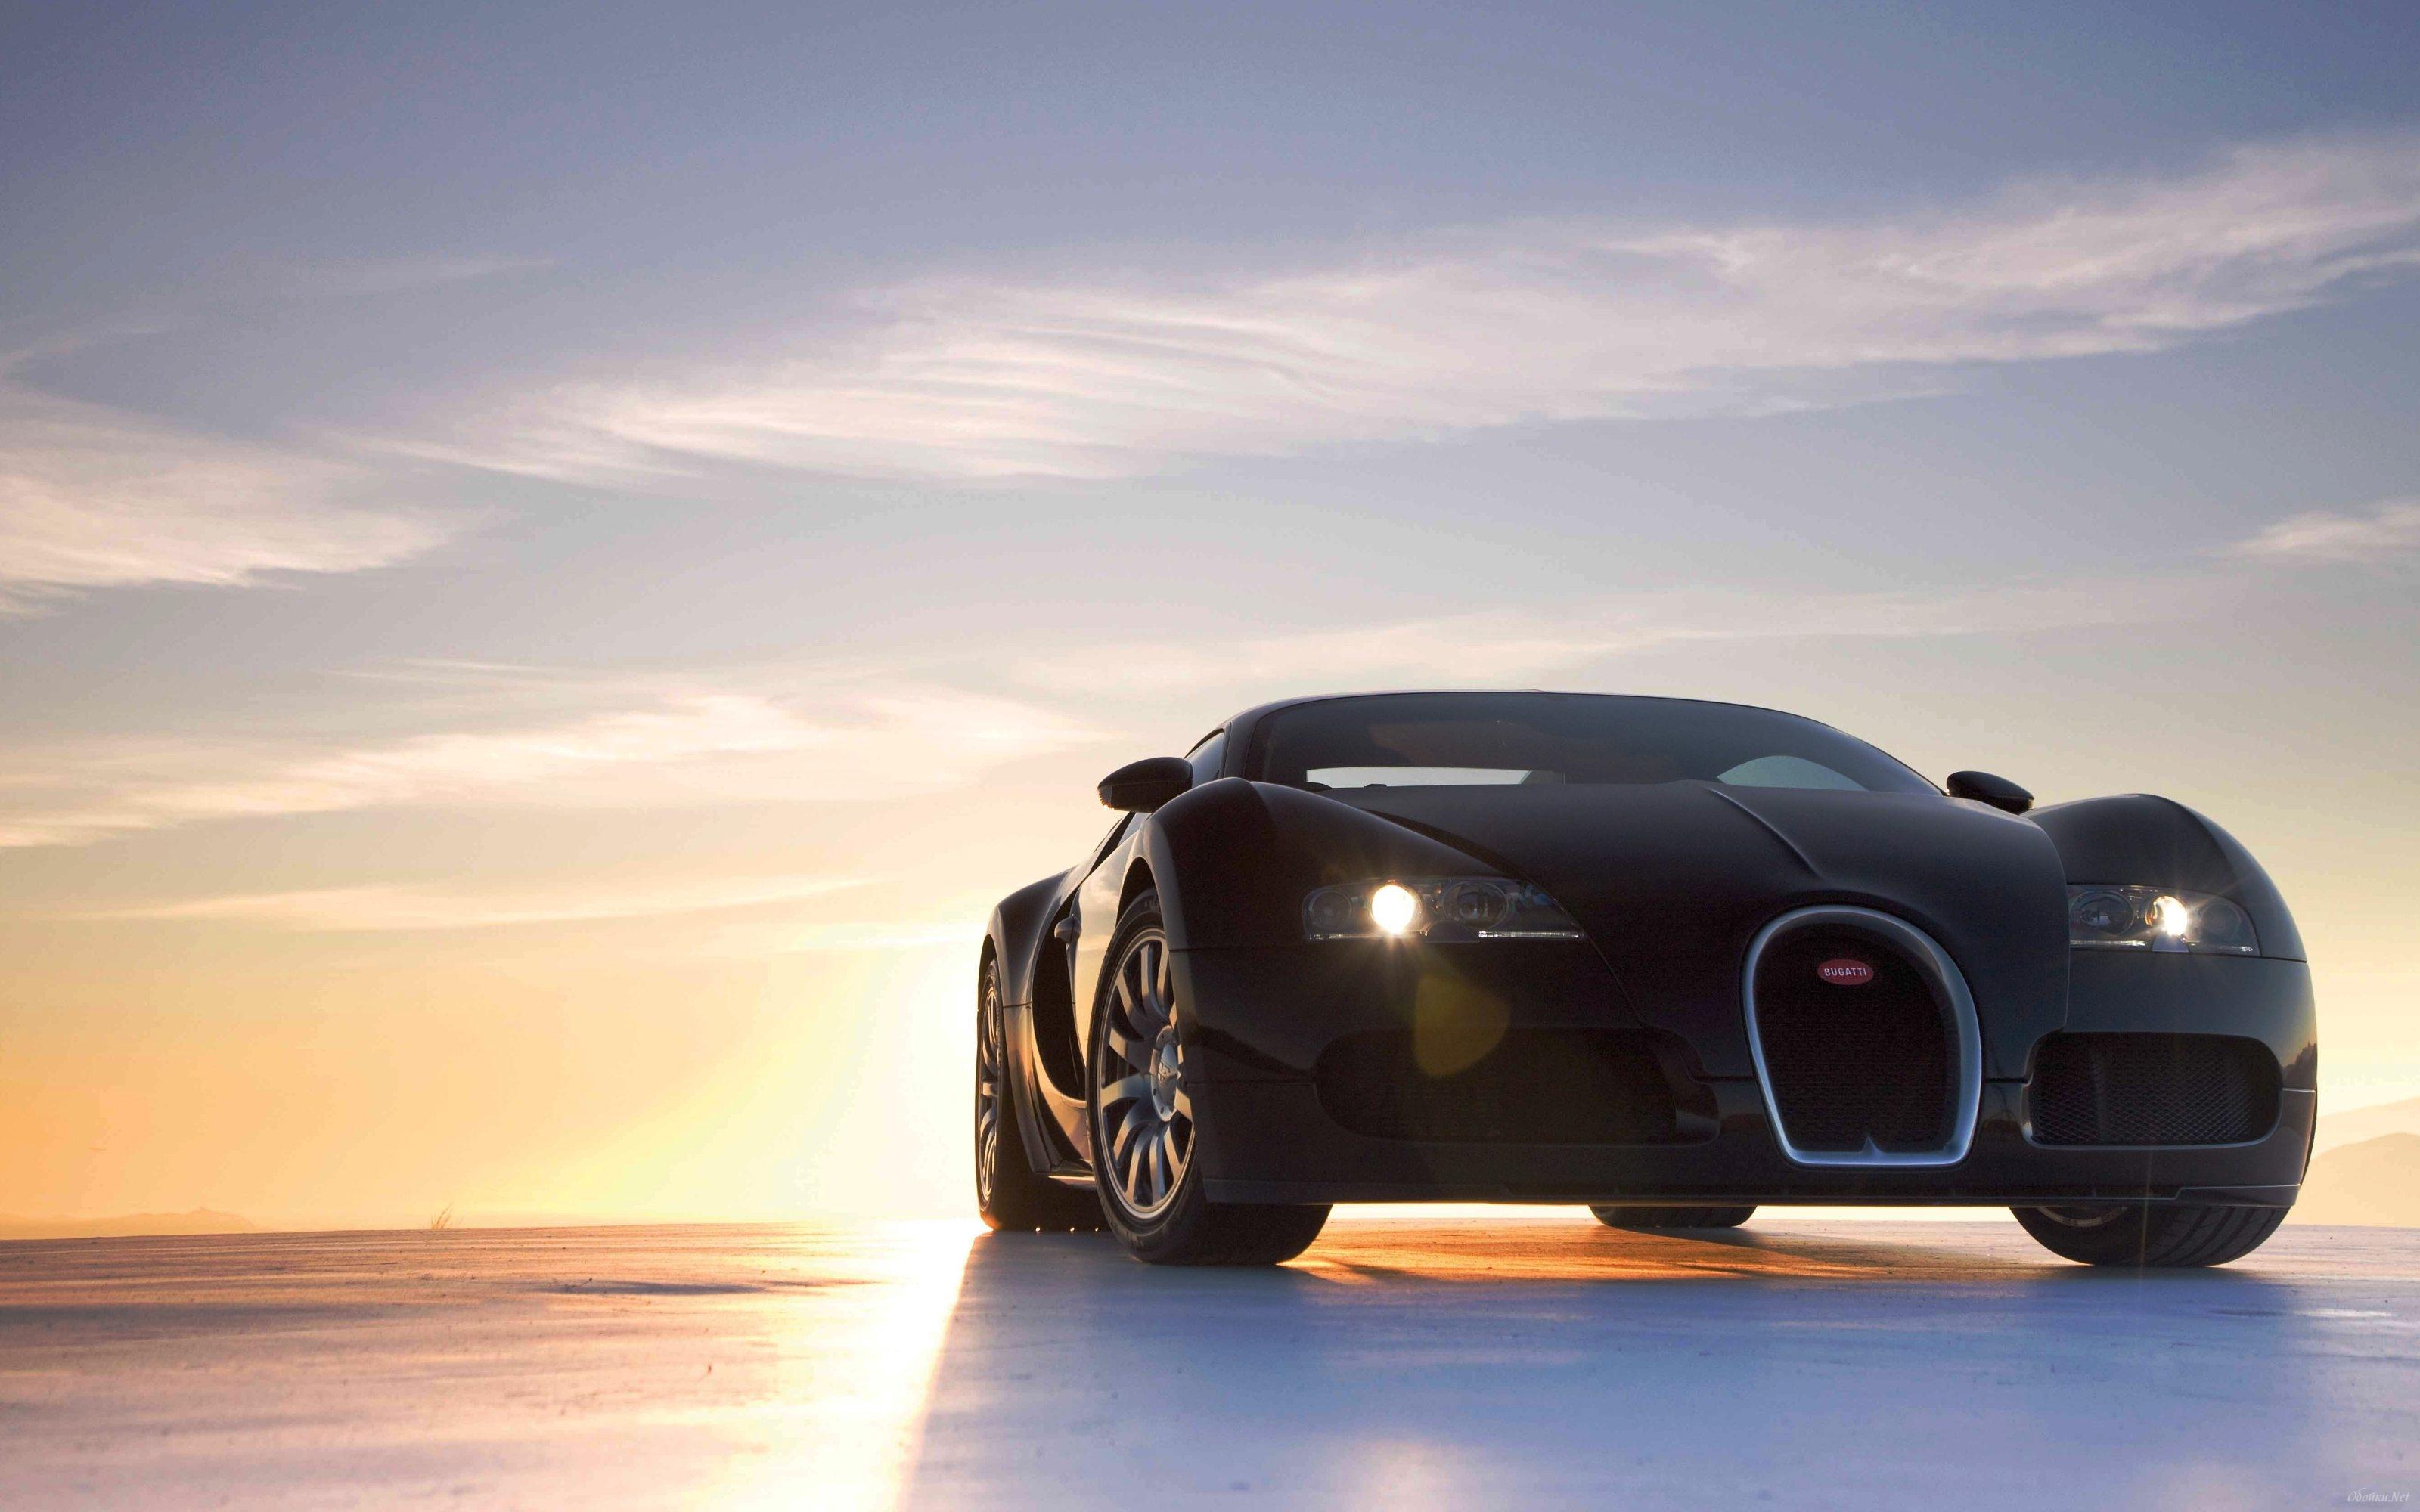 Bugatti Veyron photo 3200x2000